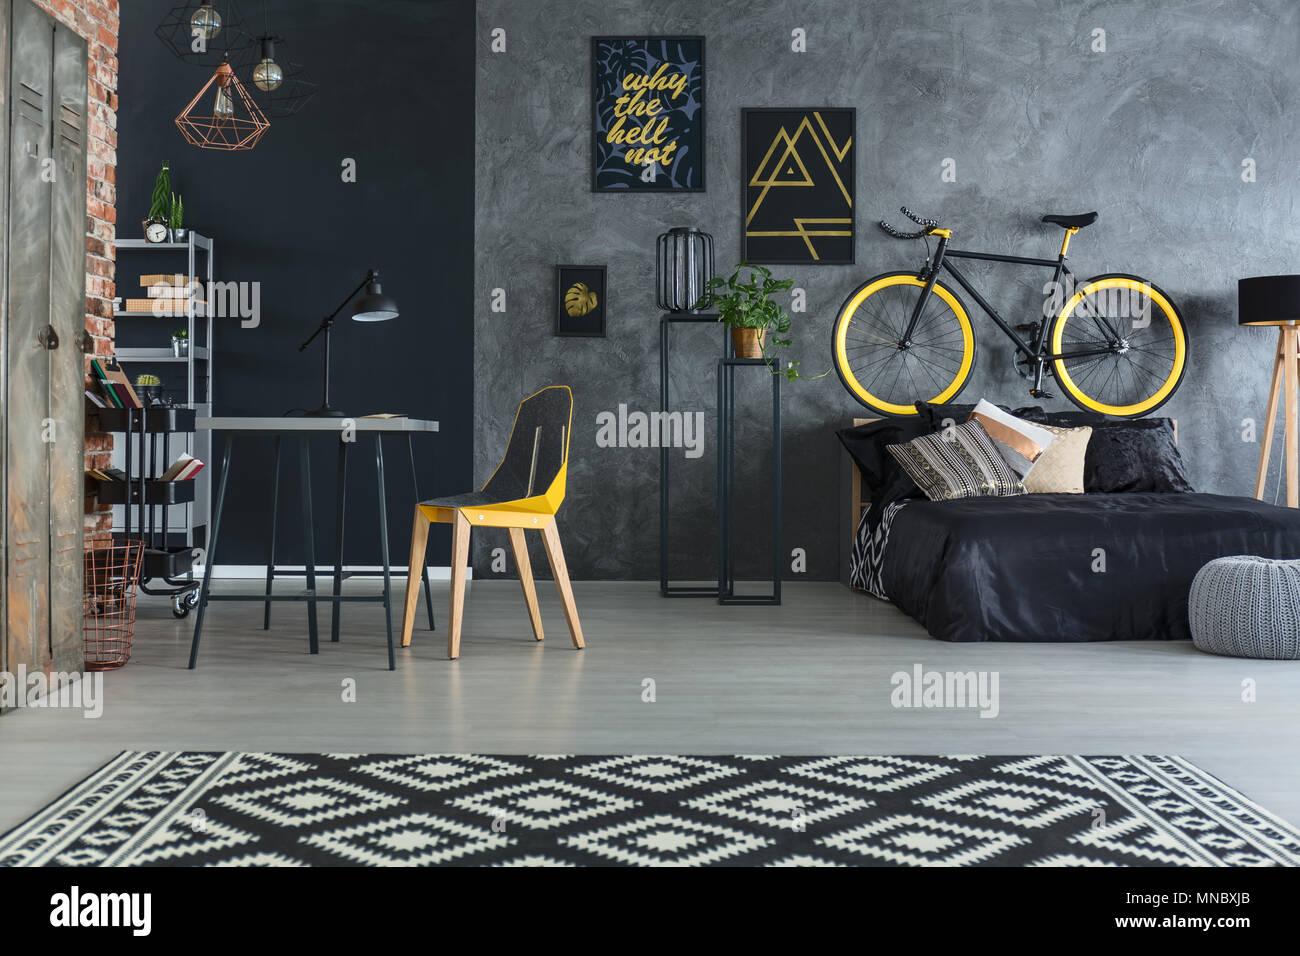 Hipster dormitorio con cama, escritorio, silla y pared de ladrillo Imagen De Stock